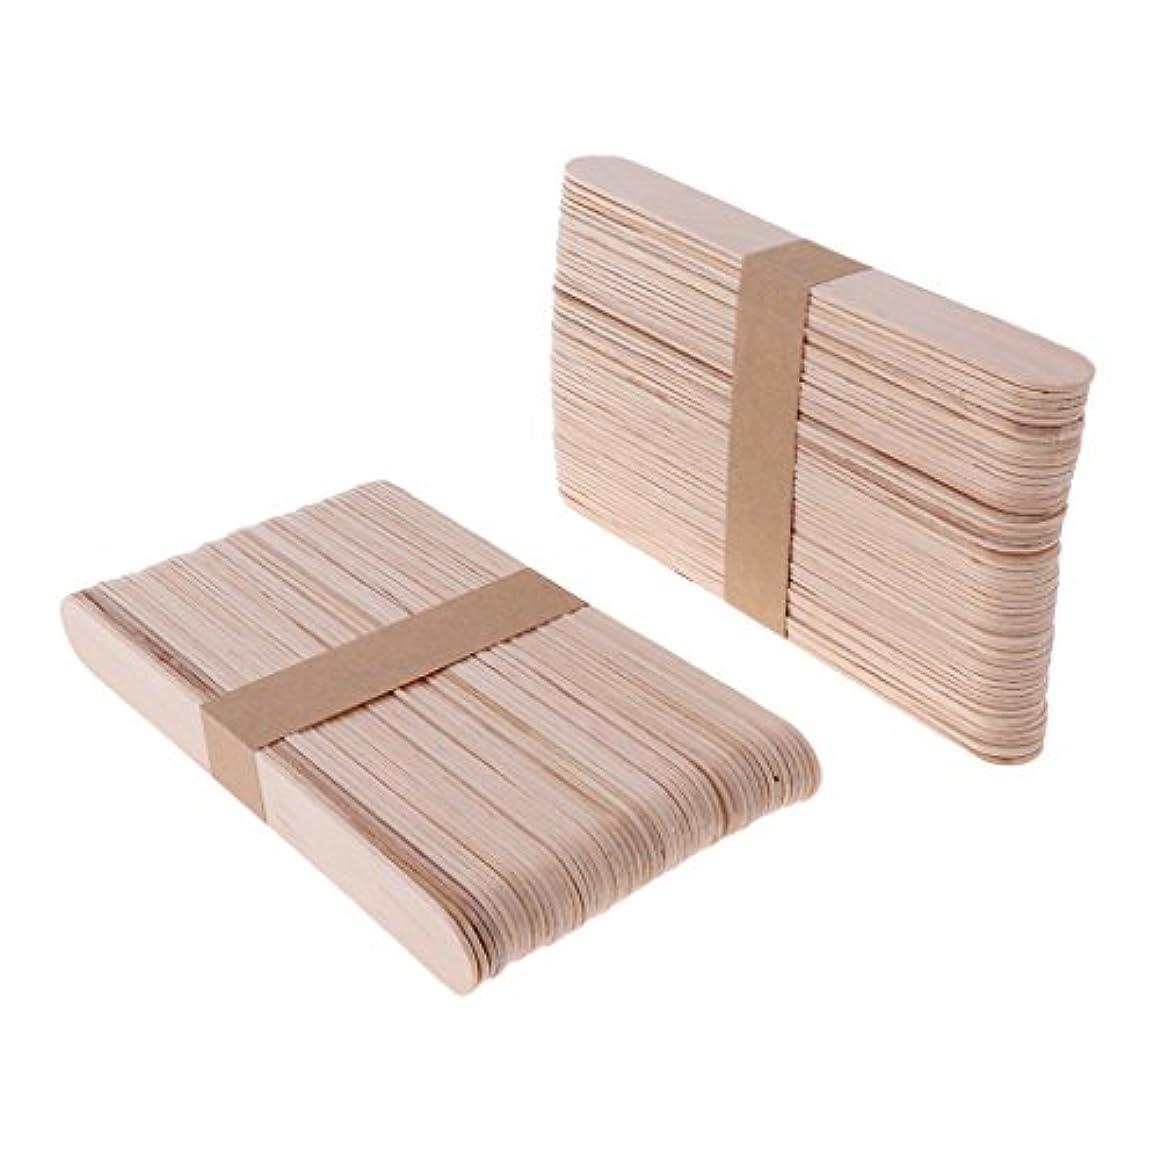 自明援助するエゴマニア木材スティック 脱毛 ワックス用 体毛除去 自宅用 美容院 200個入り 2サイズ選べる - L